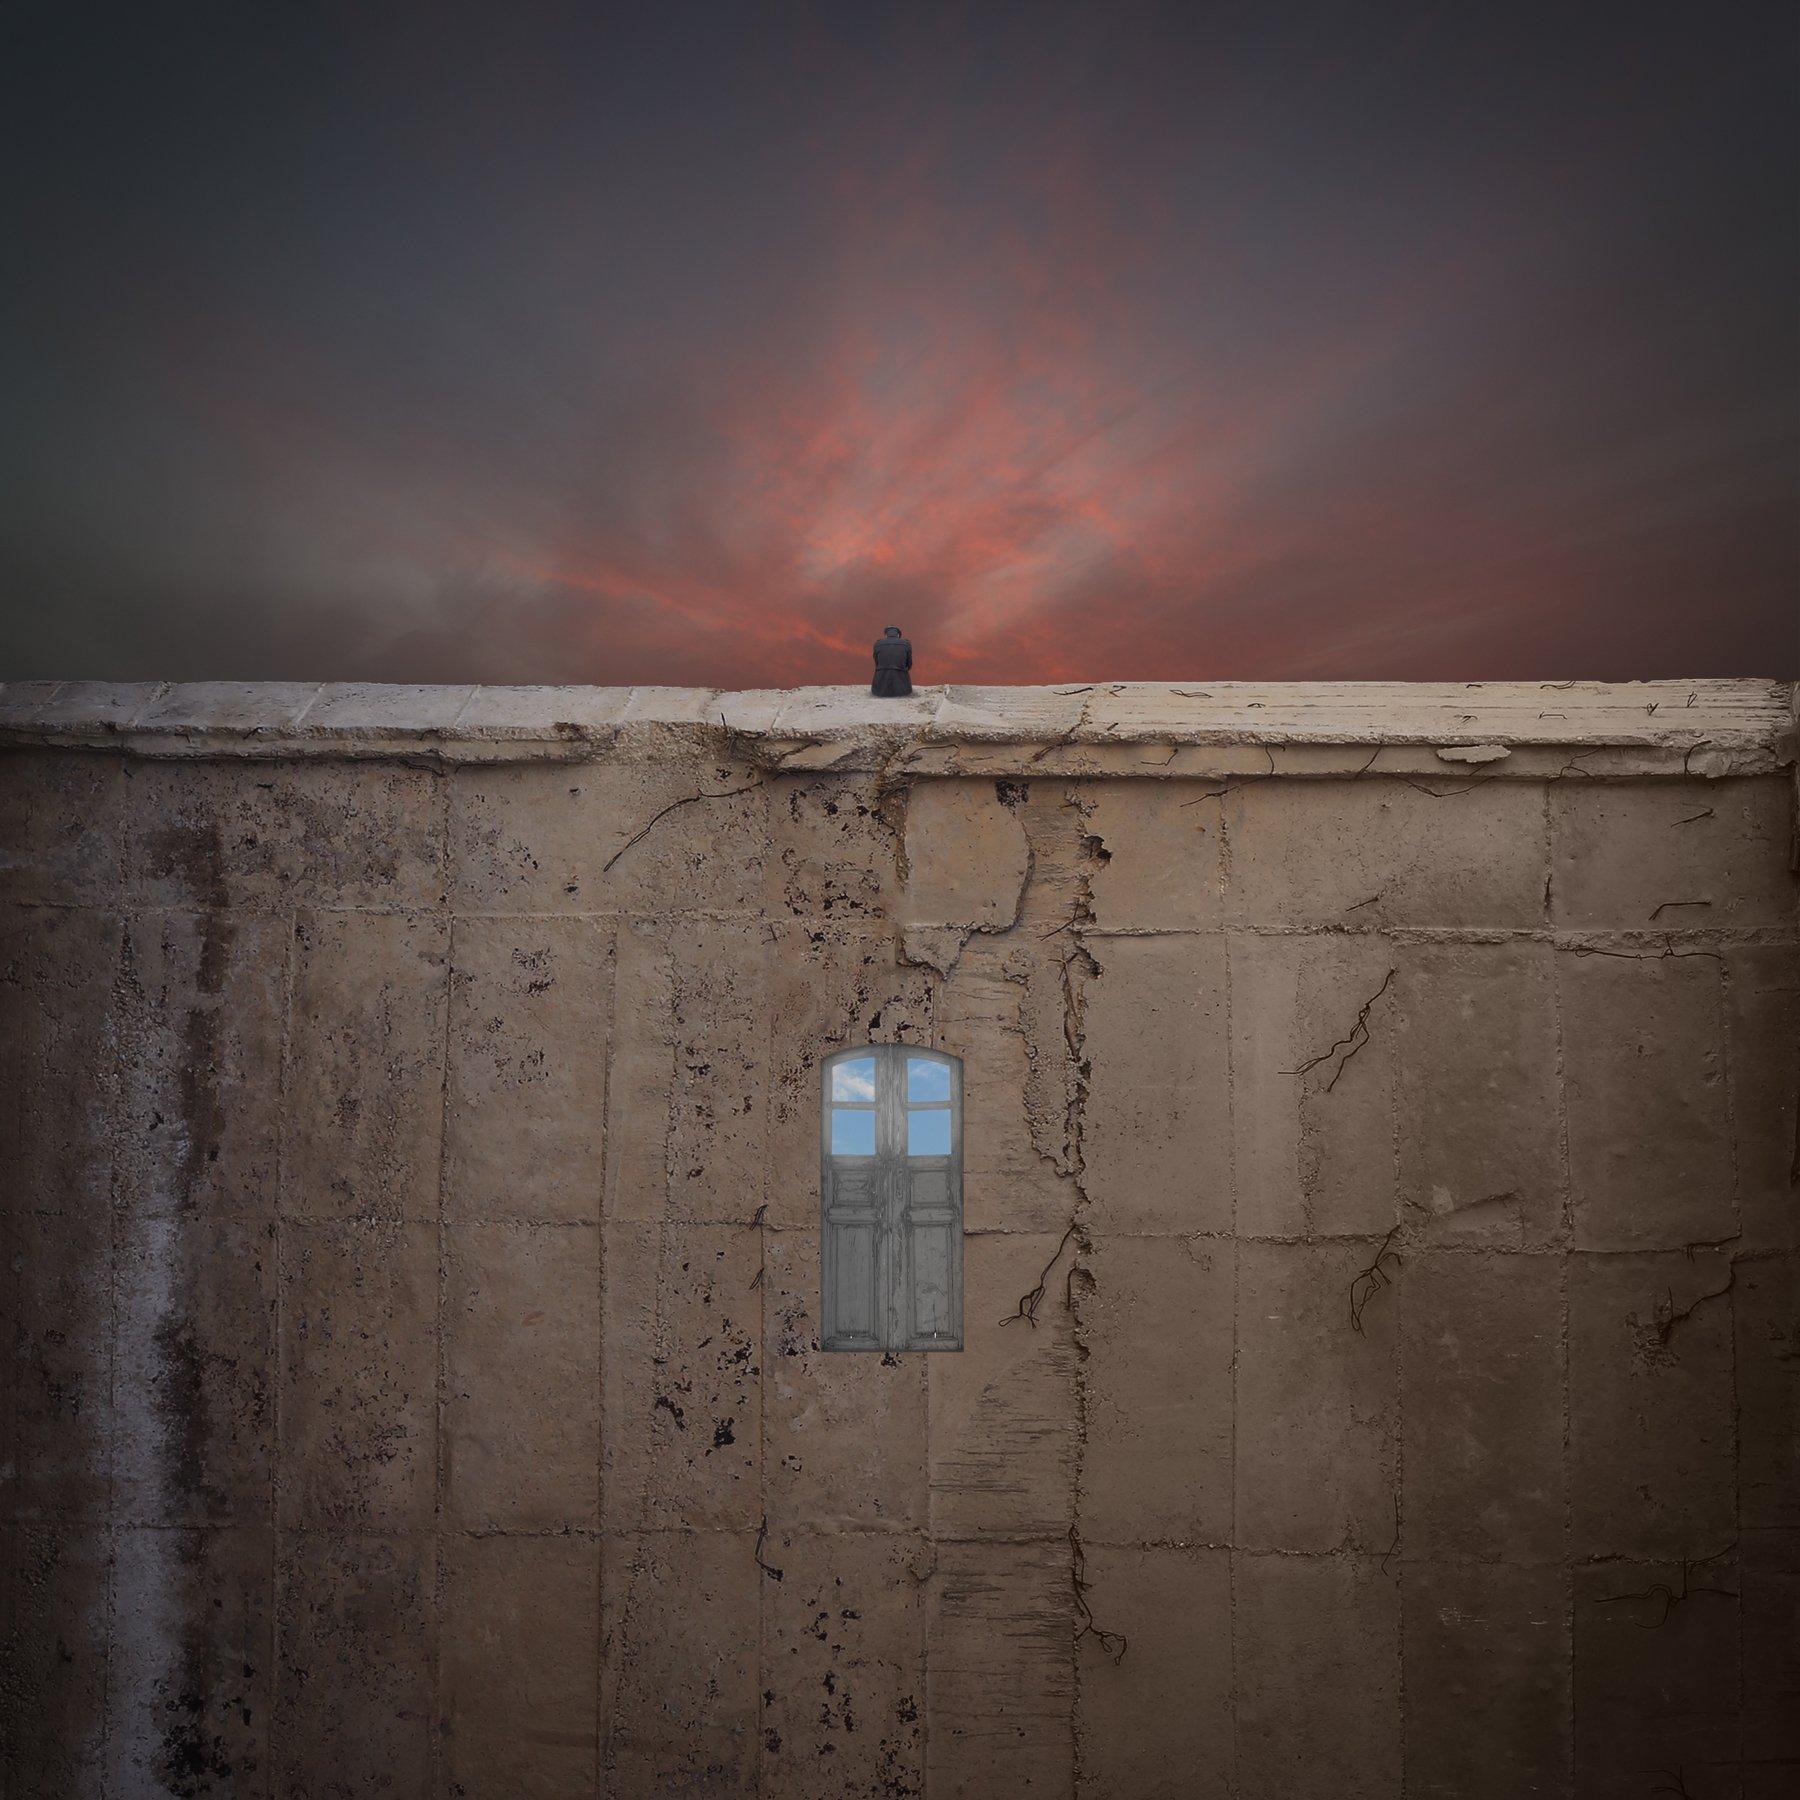 , Hossein Zare